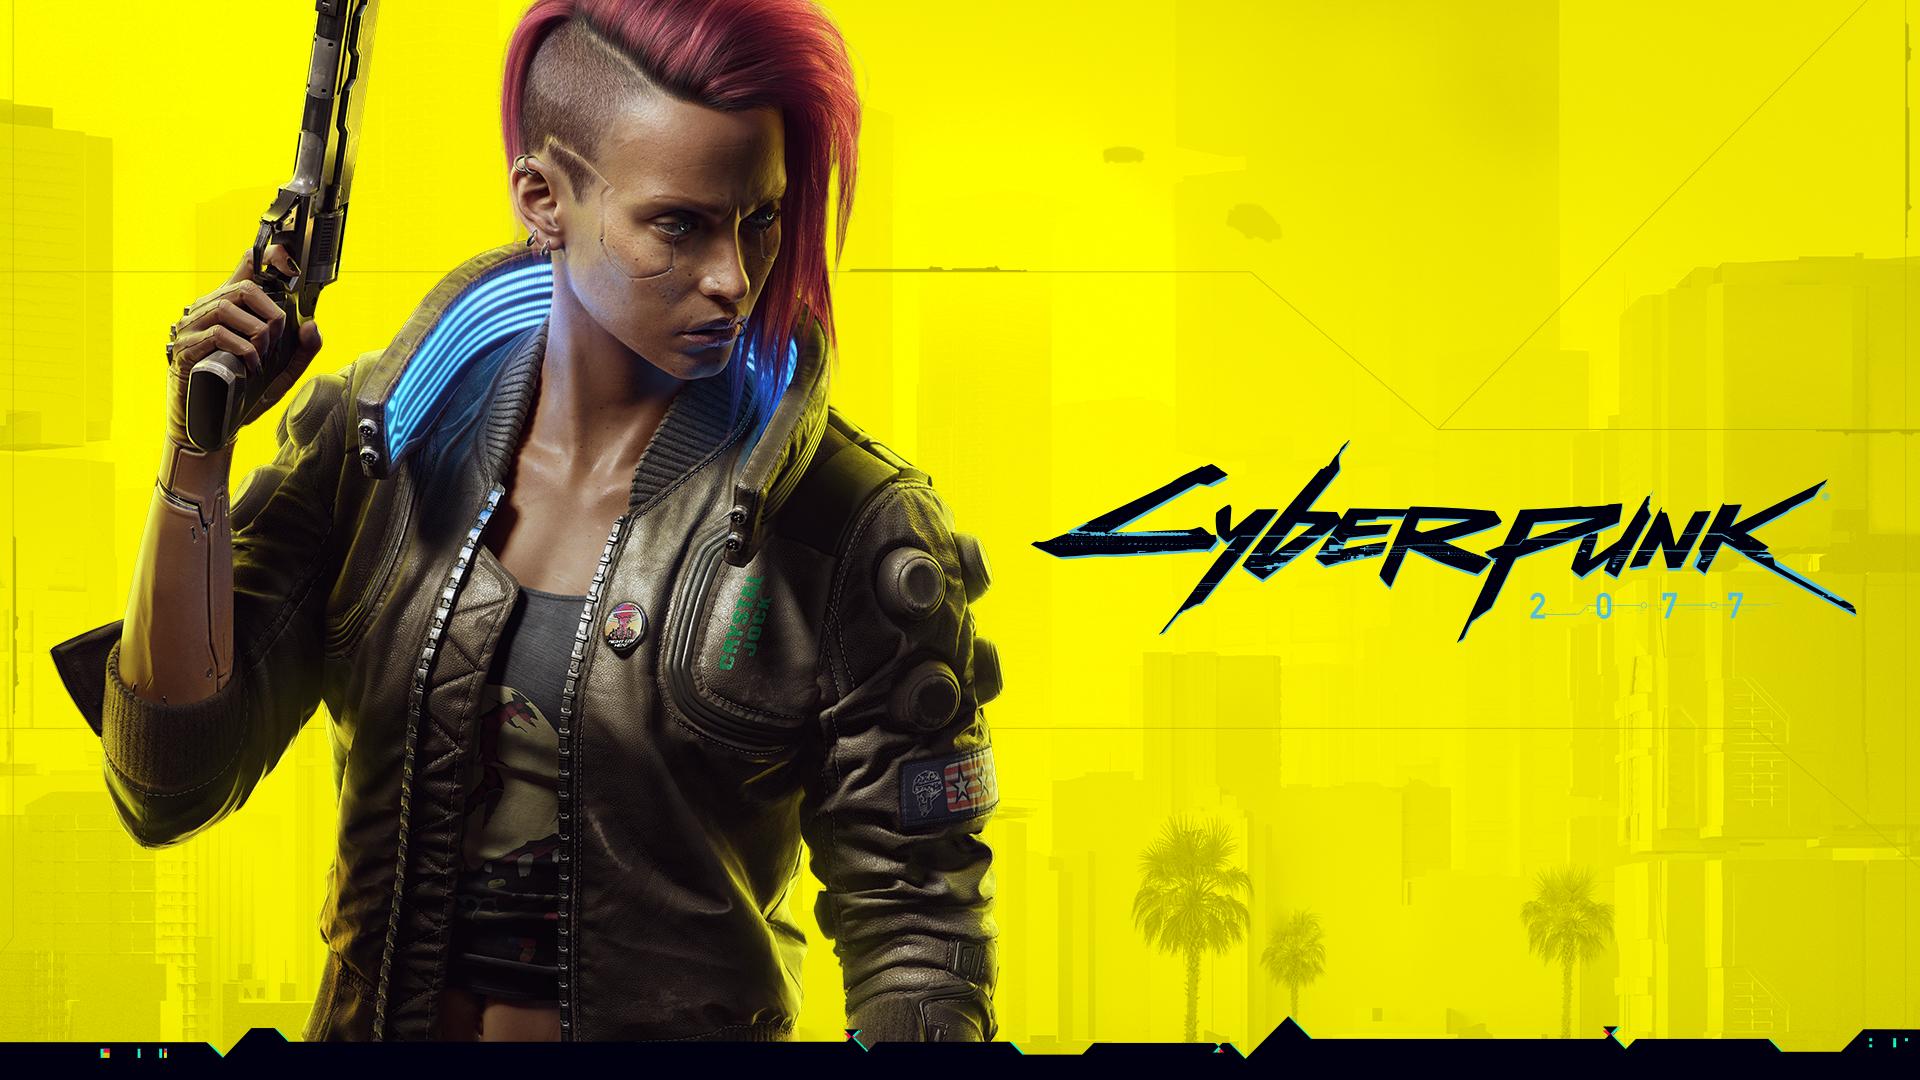 Cyberpunk 2077 2262020 1